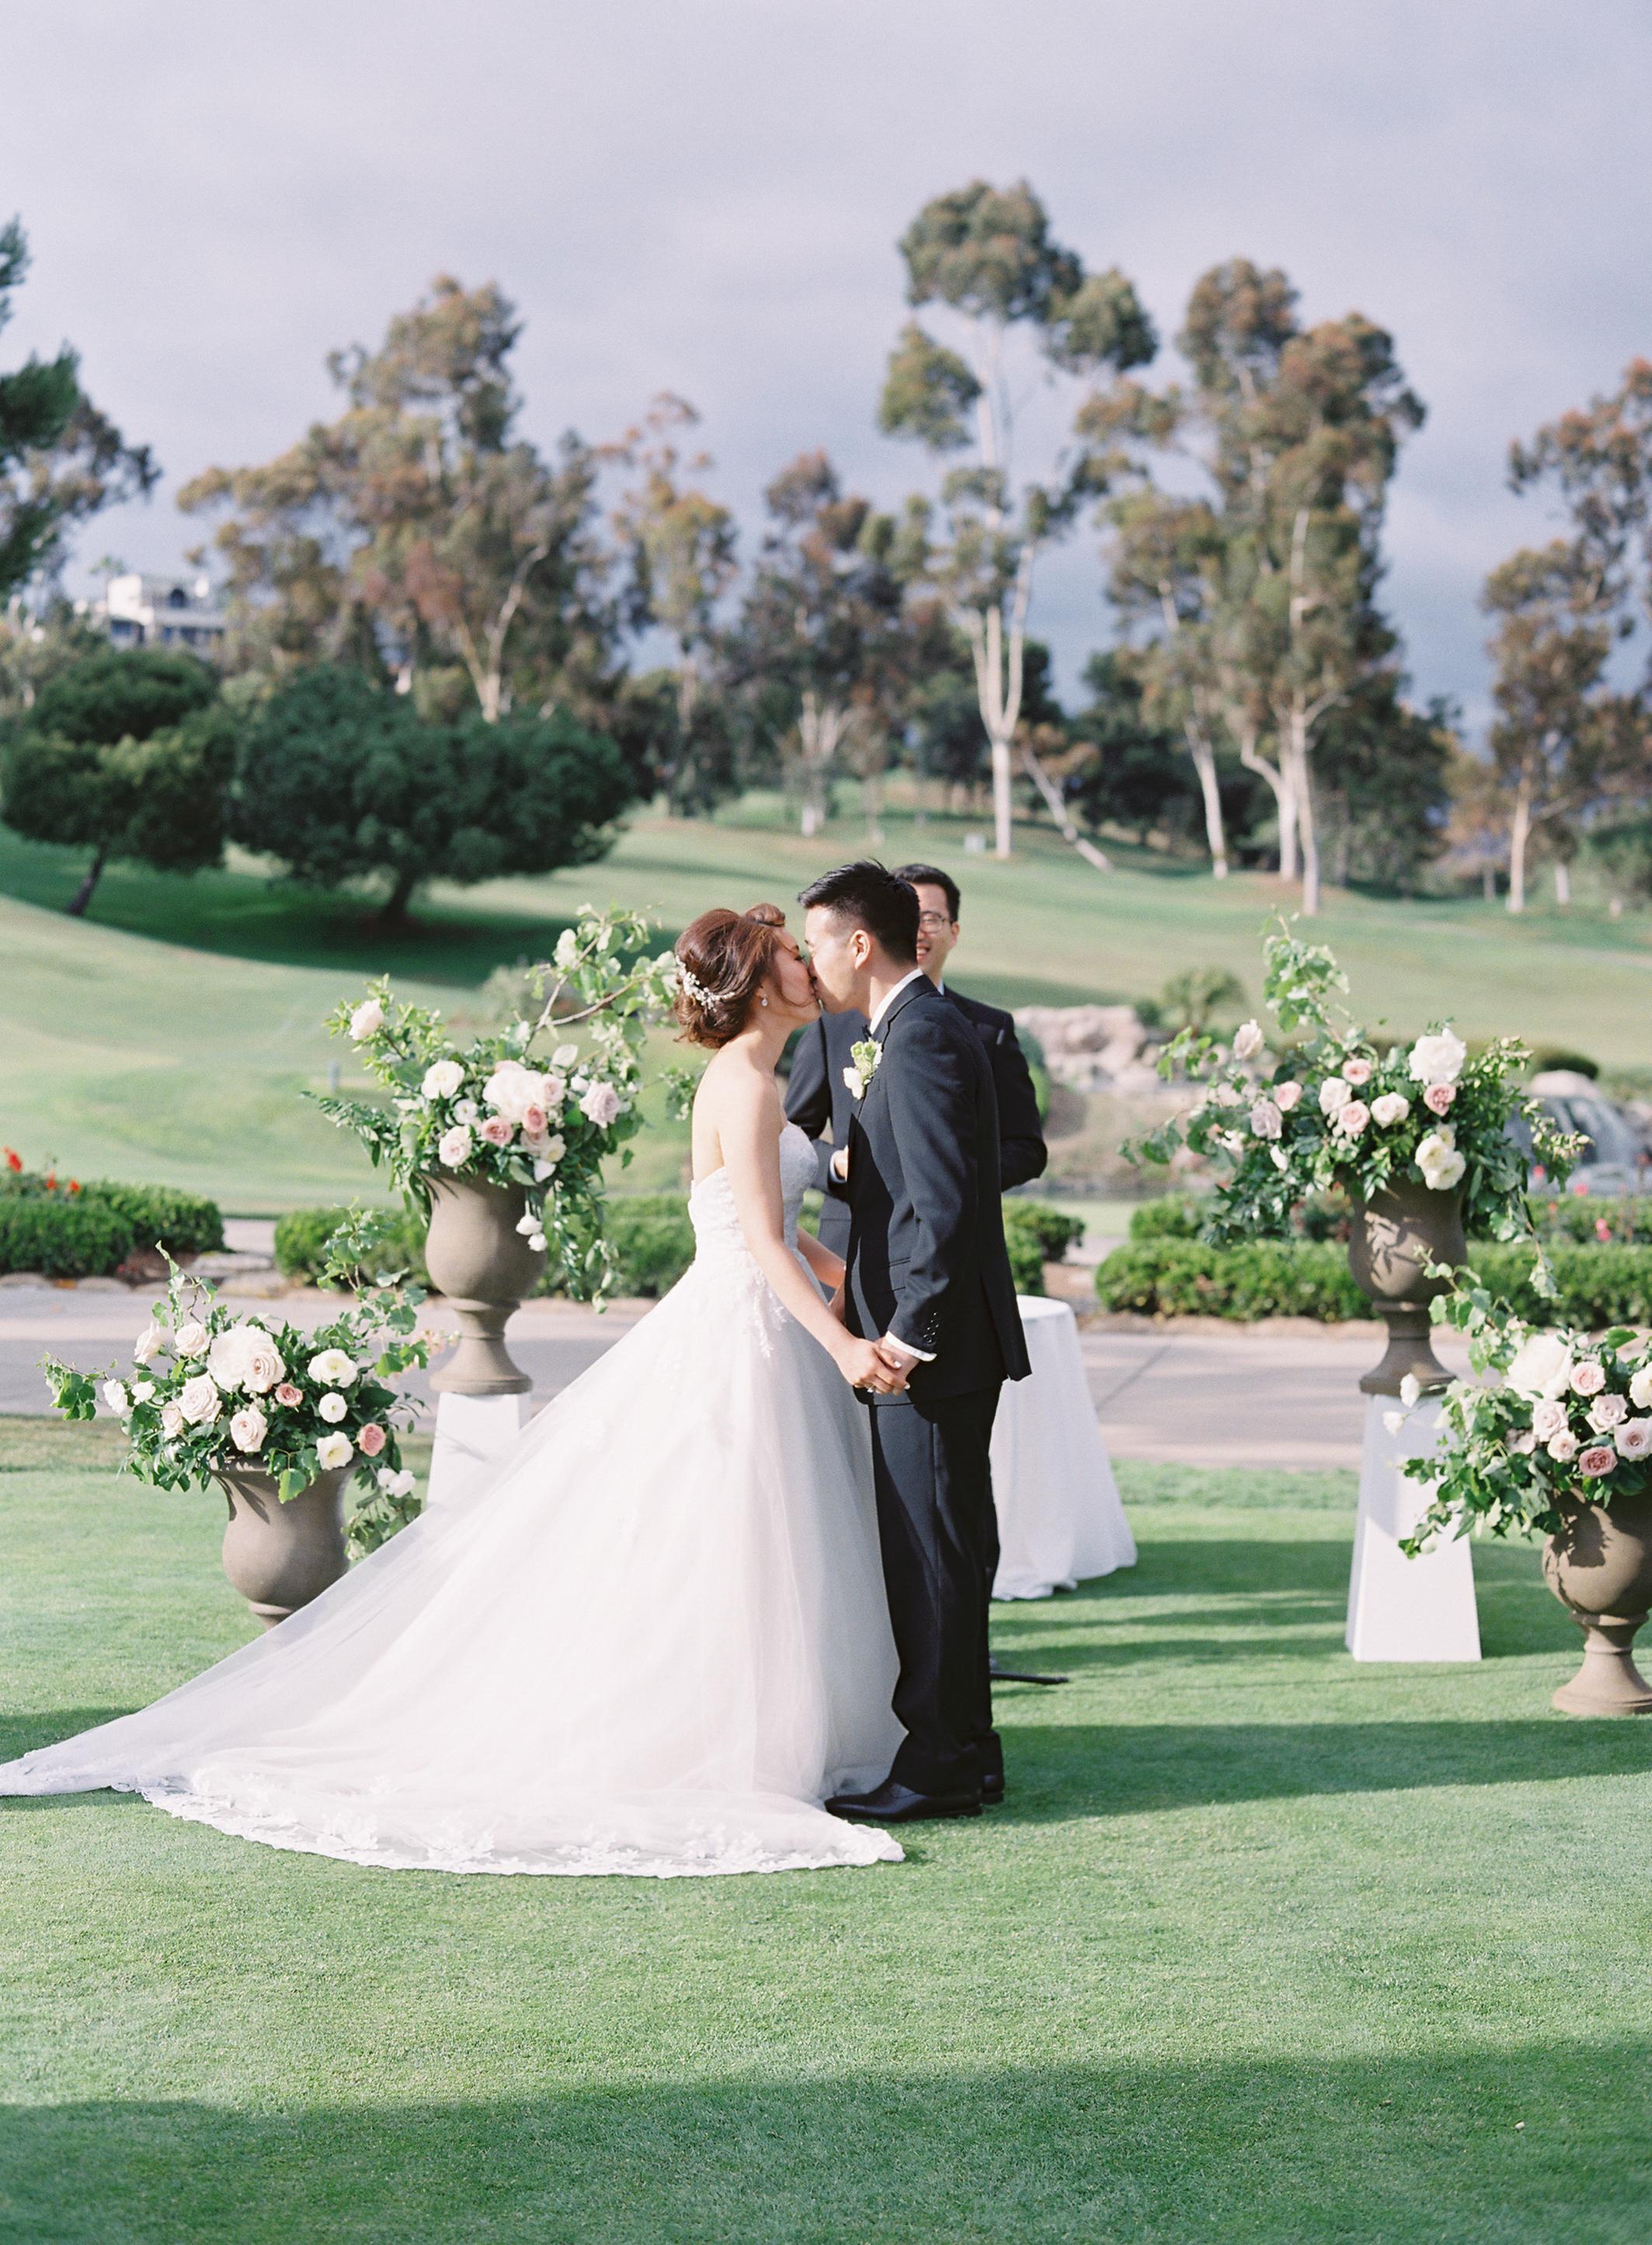 Wedding Ceremony Urns Spring Flowers Garden Roses Finding Flora Sara Weir